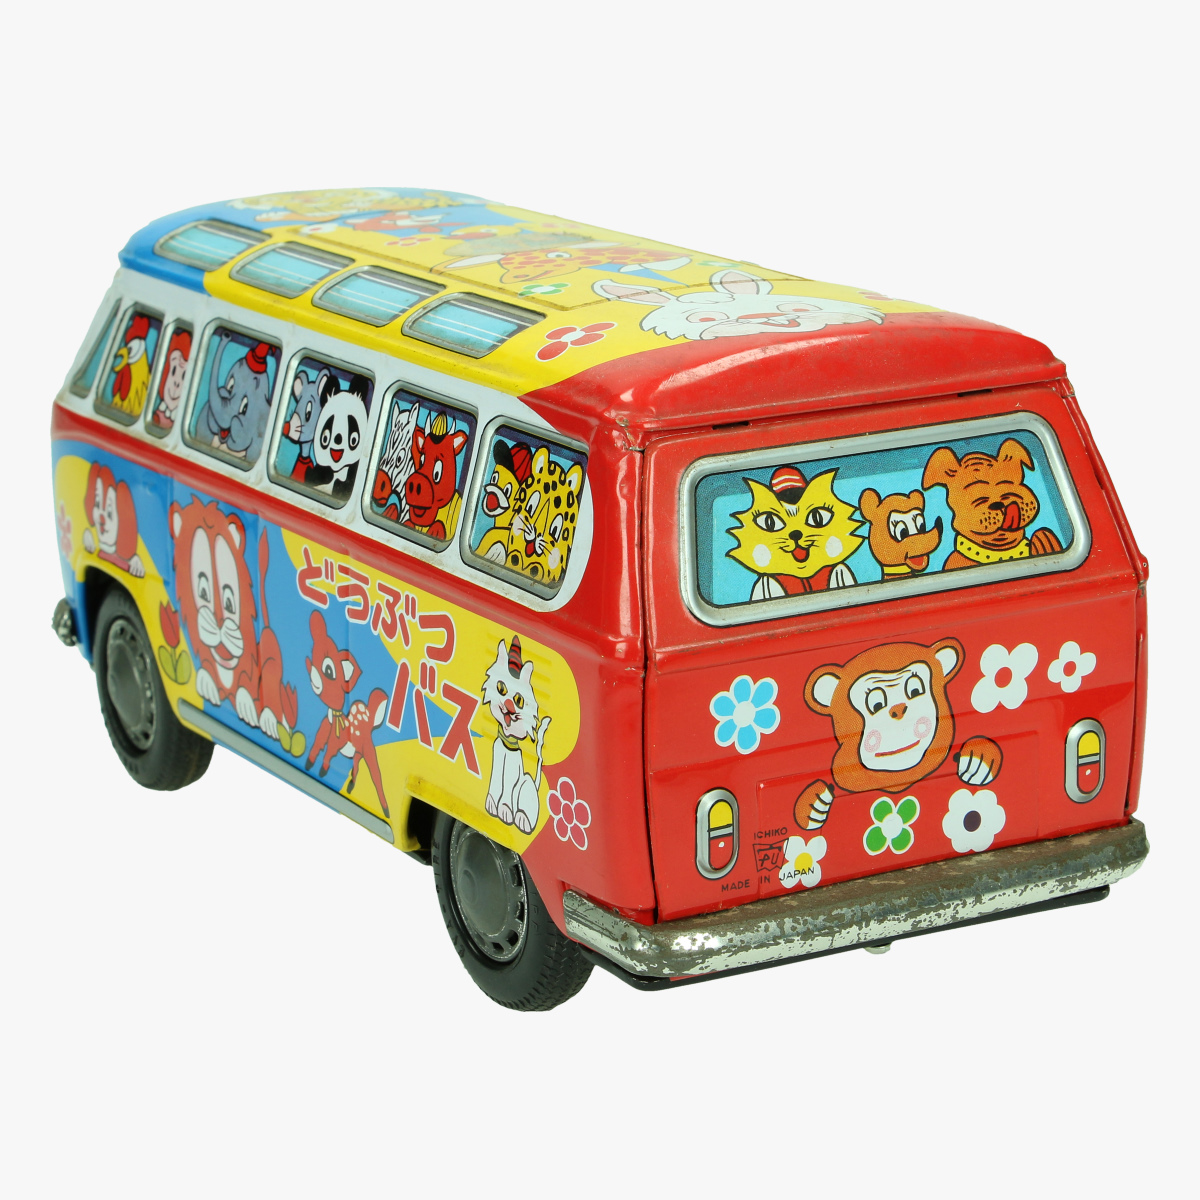 Afbeeldingen van busje volkswagen made in japan ichico